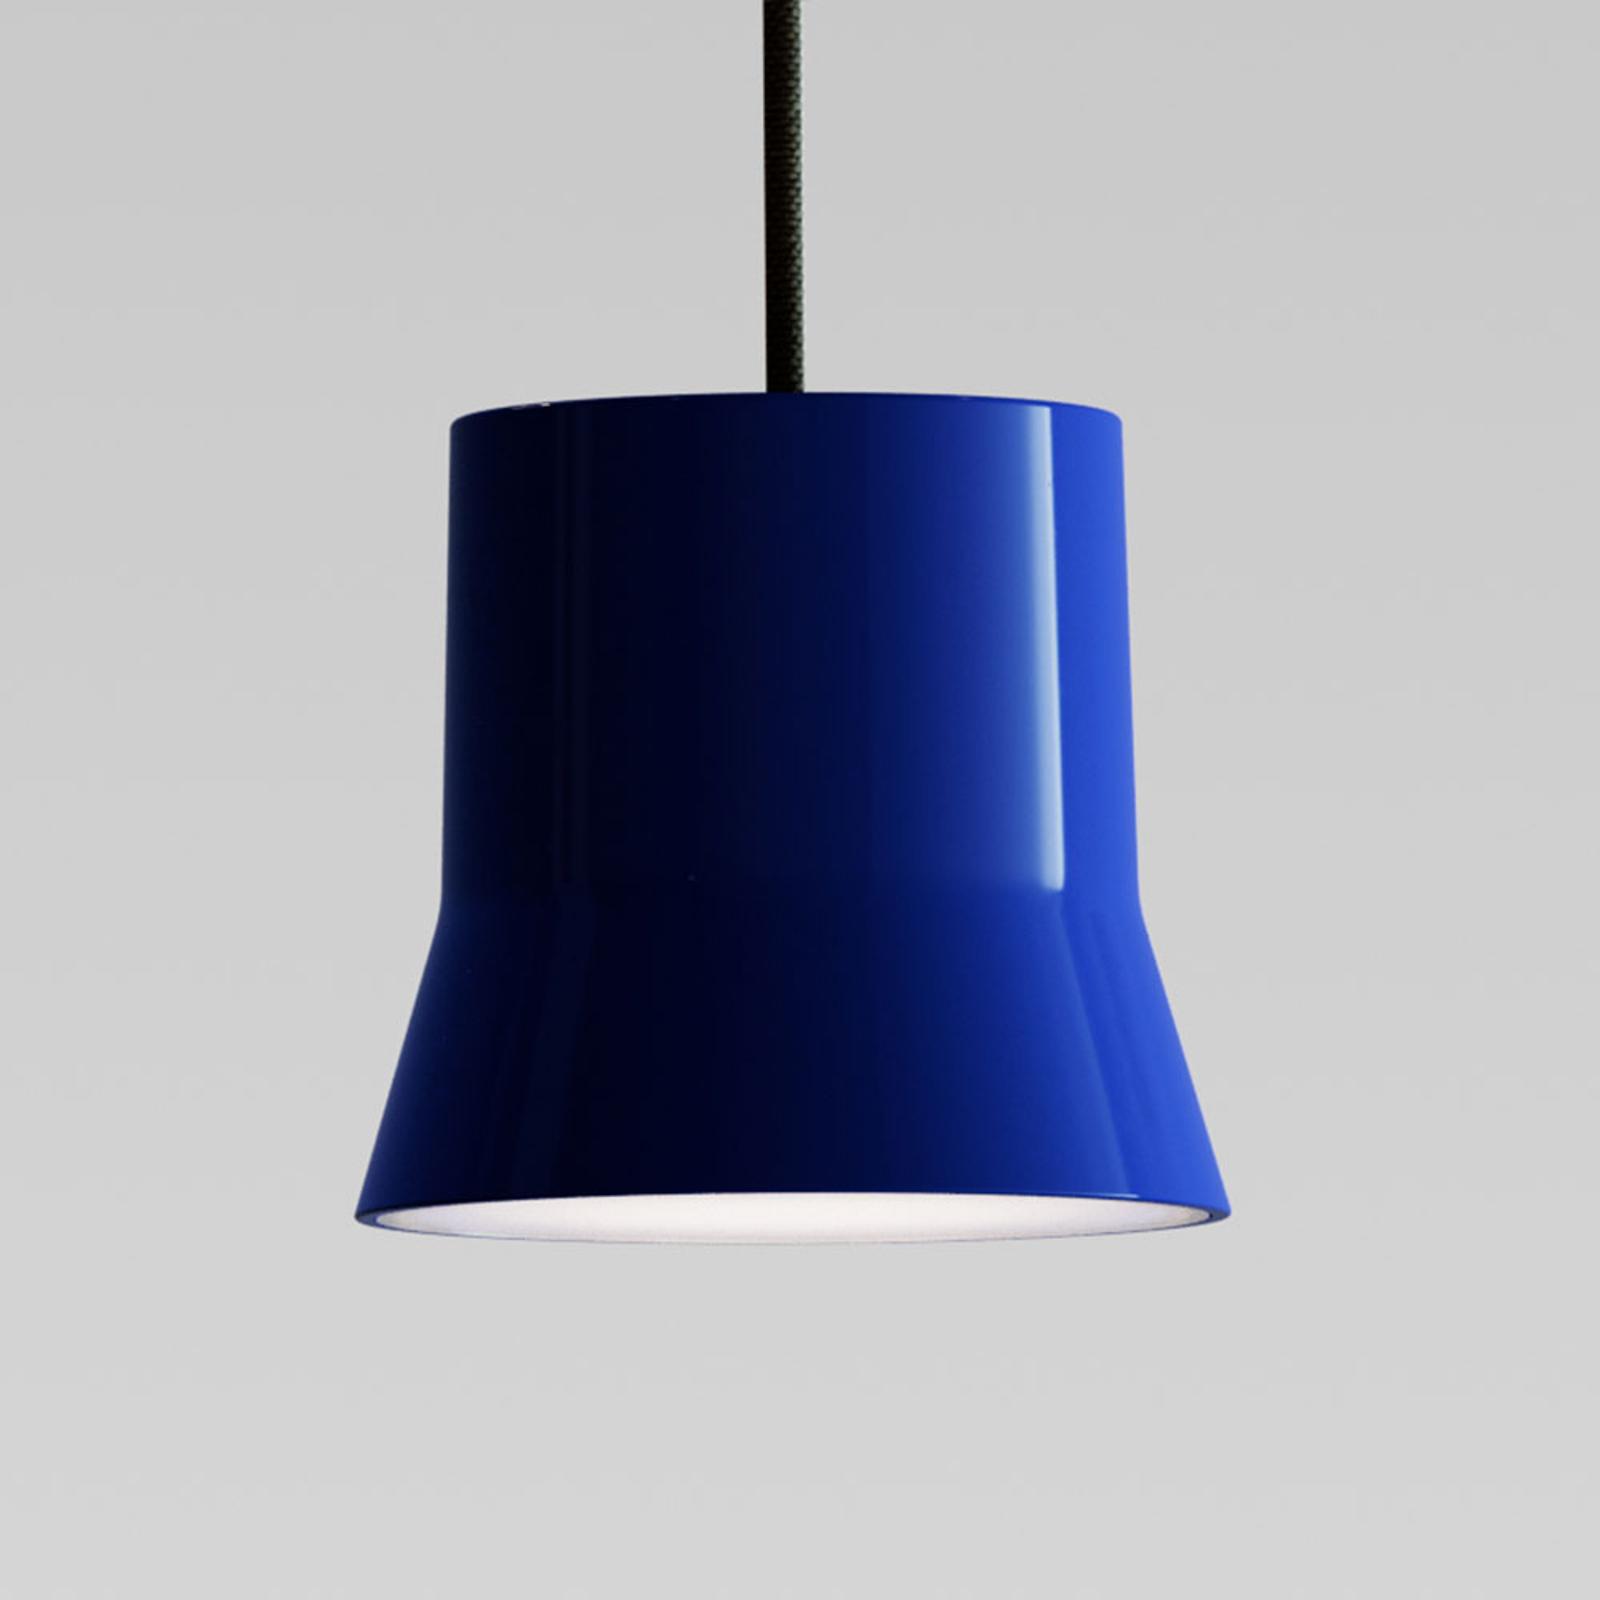 Artemide GIO.light LED-Hängeleuchte, blau